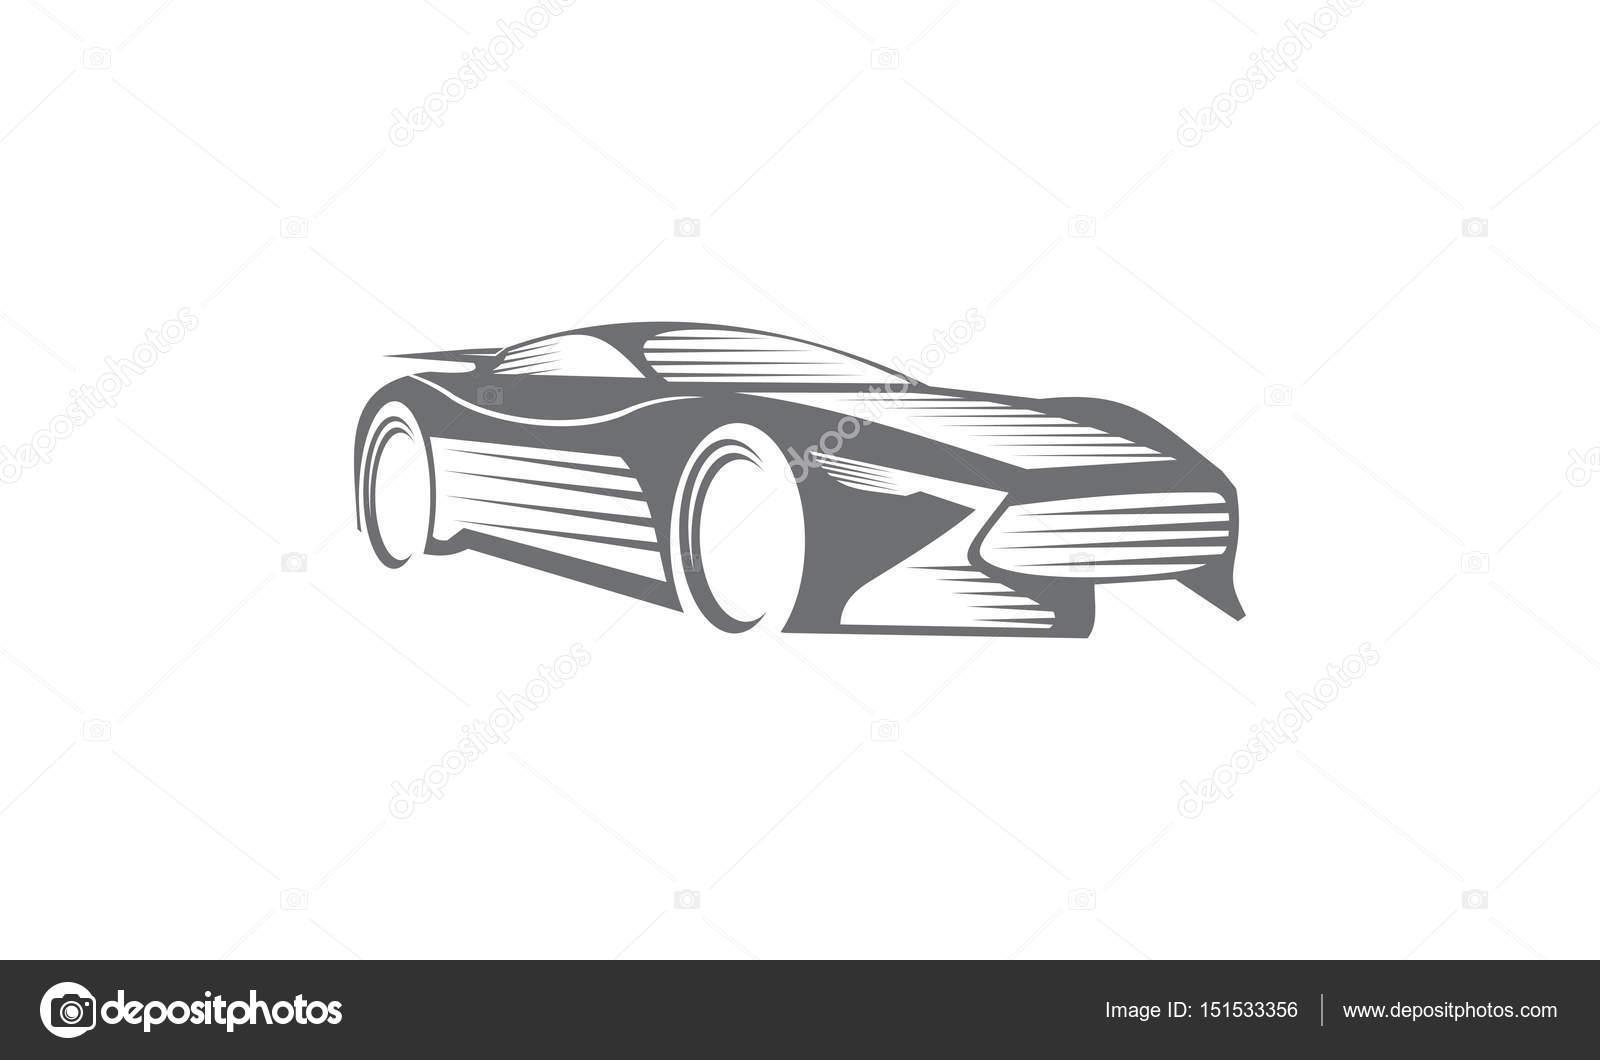 Plantilla de logotipo de coche — Foto de stock © alluranet #151533356